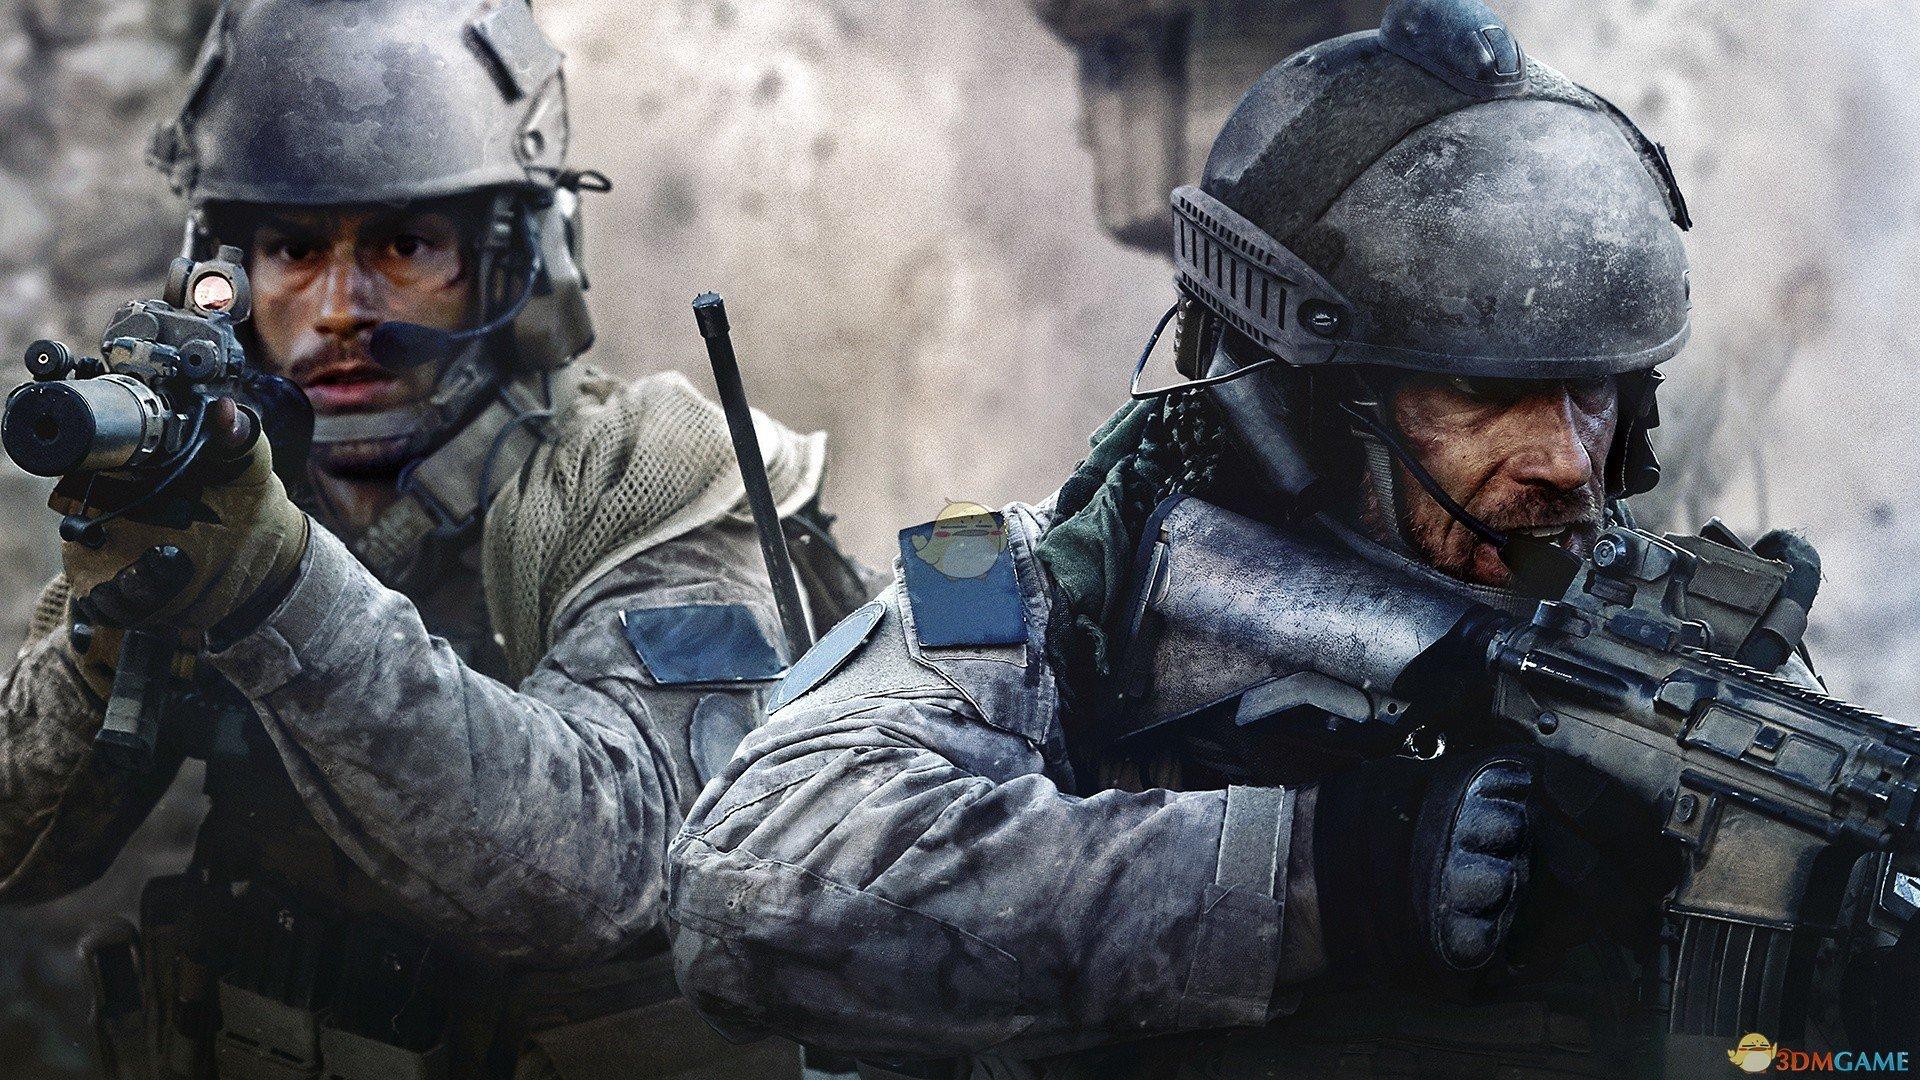 《使命召唤16:现代战争》核心和硬派模式区别介绍